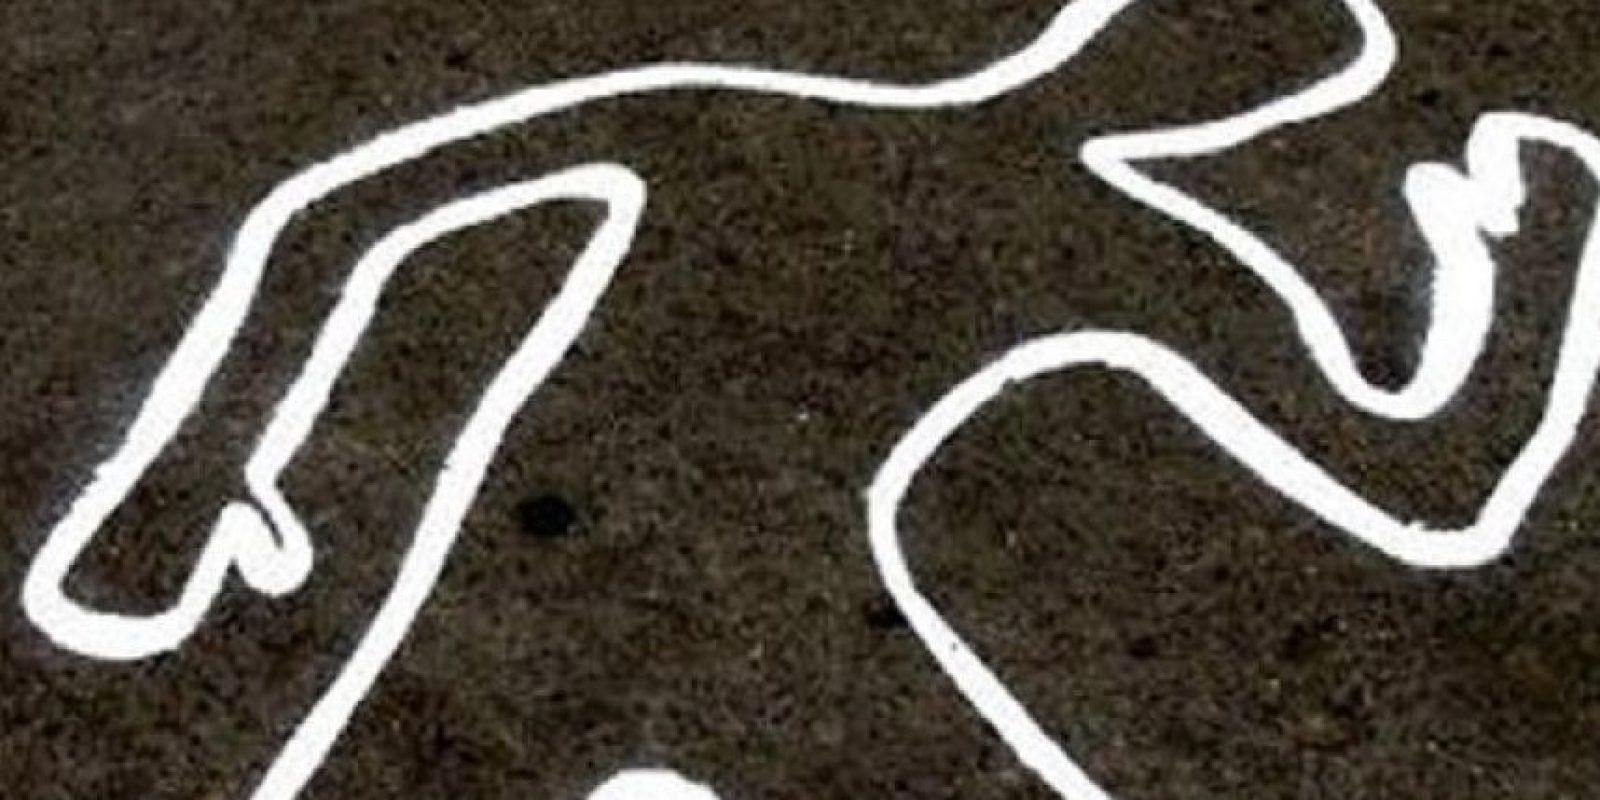 Derek enfrenta cadena perpetua por el asesinato de su esposa. Foto:Pixabay